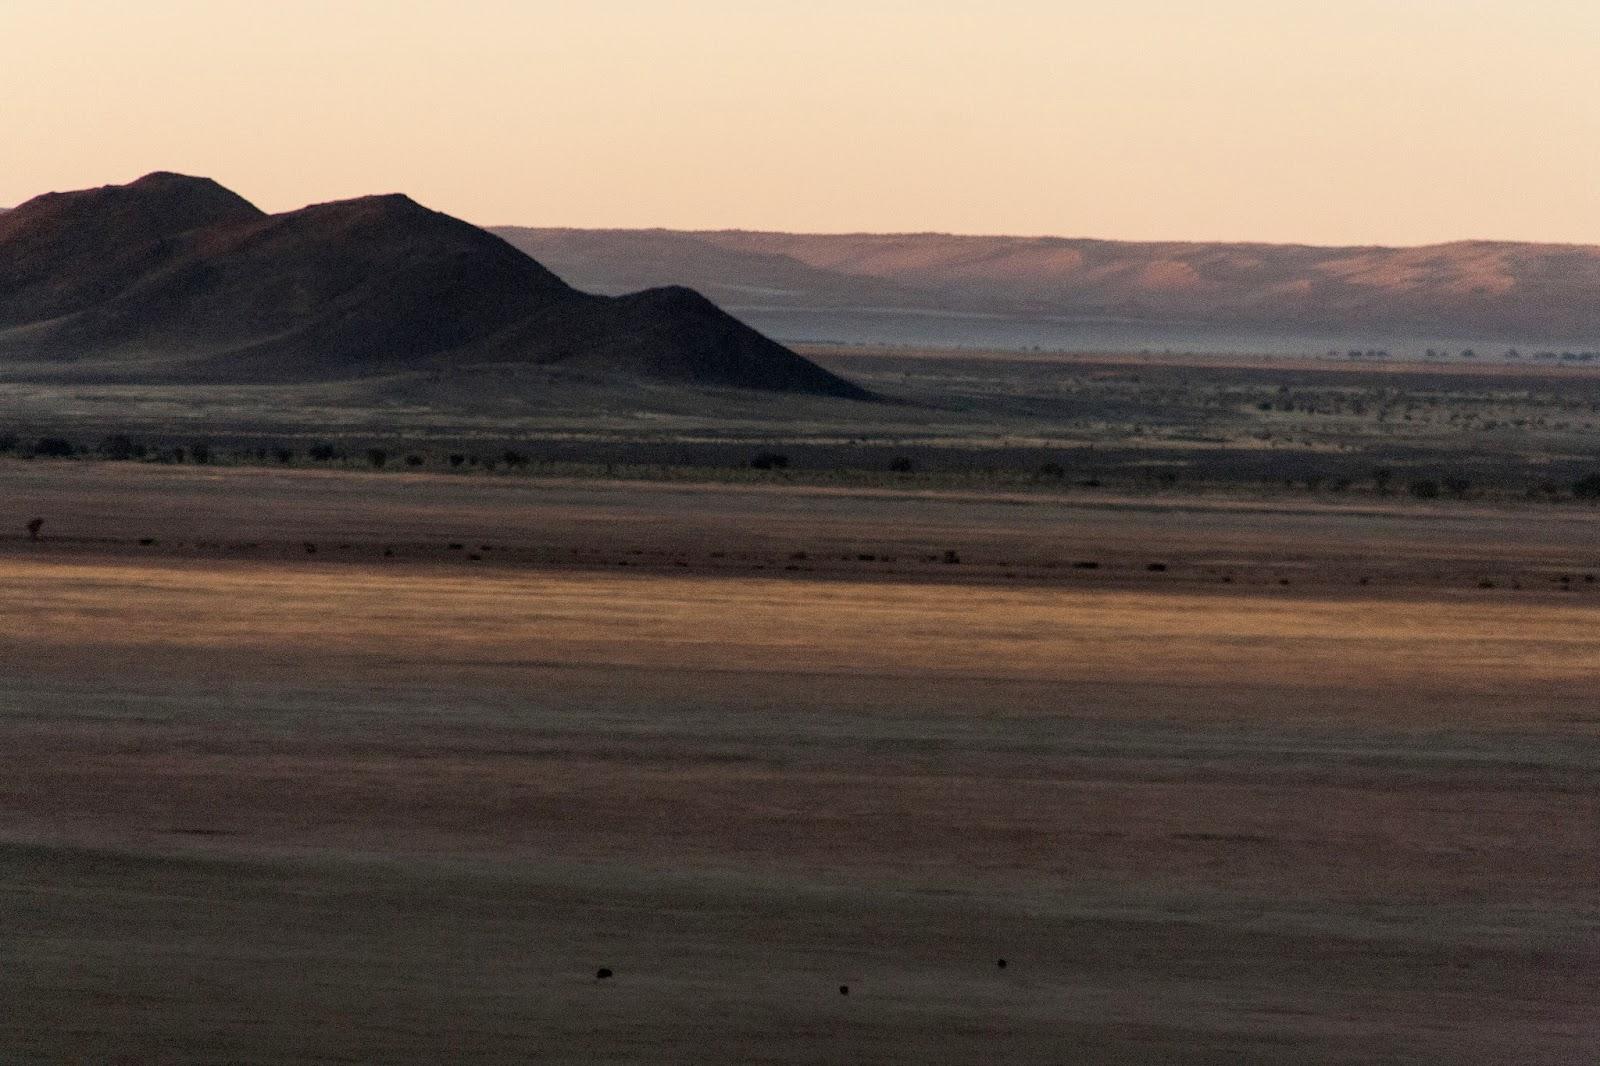 sunrise kulala namib desert namibia